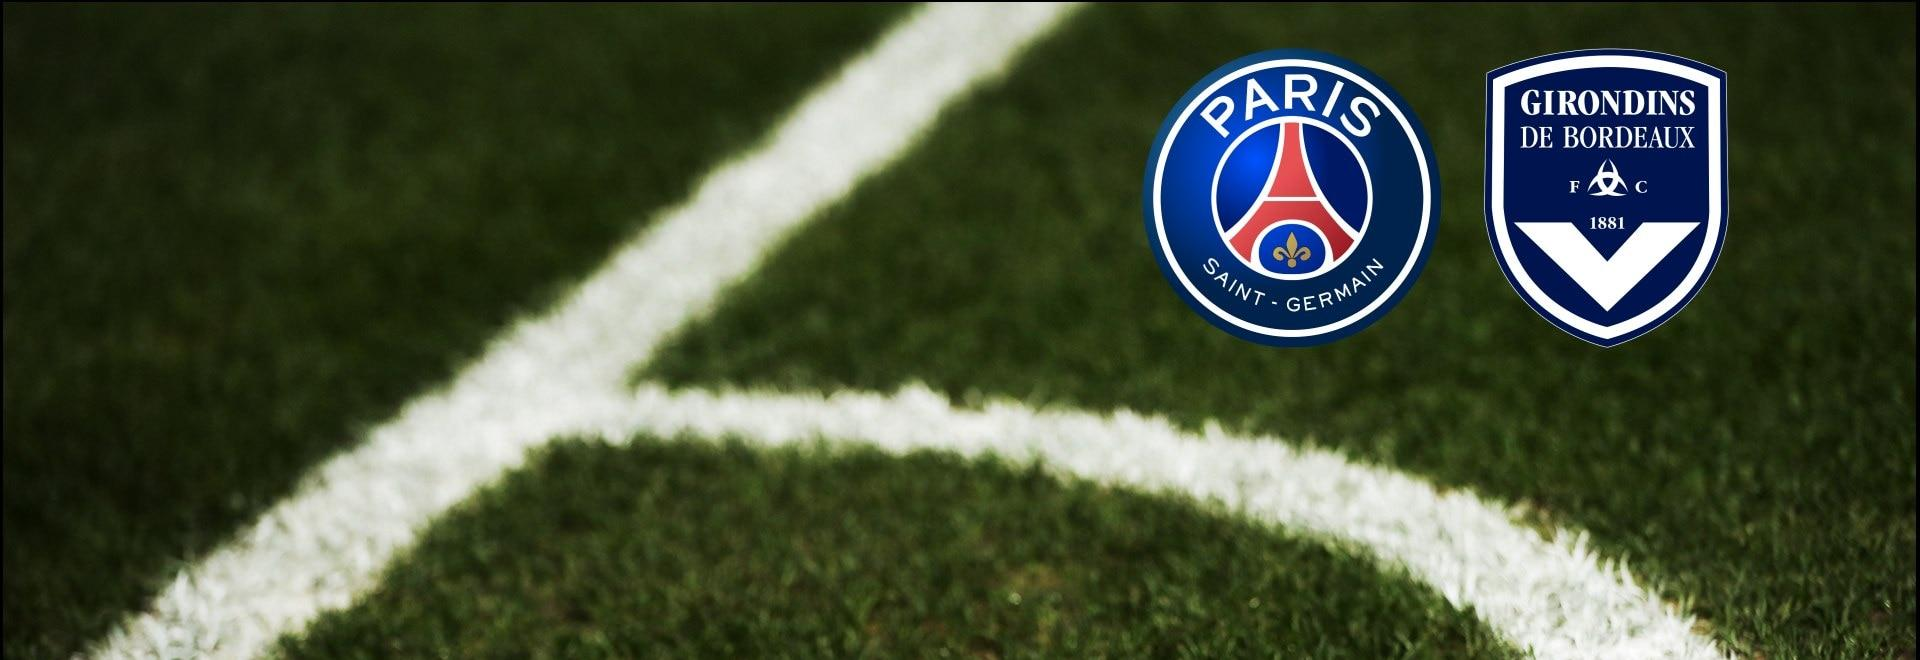 PSG - Bordeaux. 12a g.